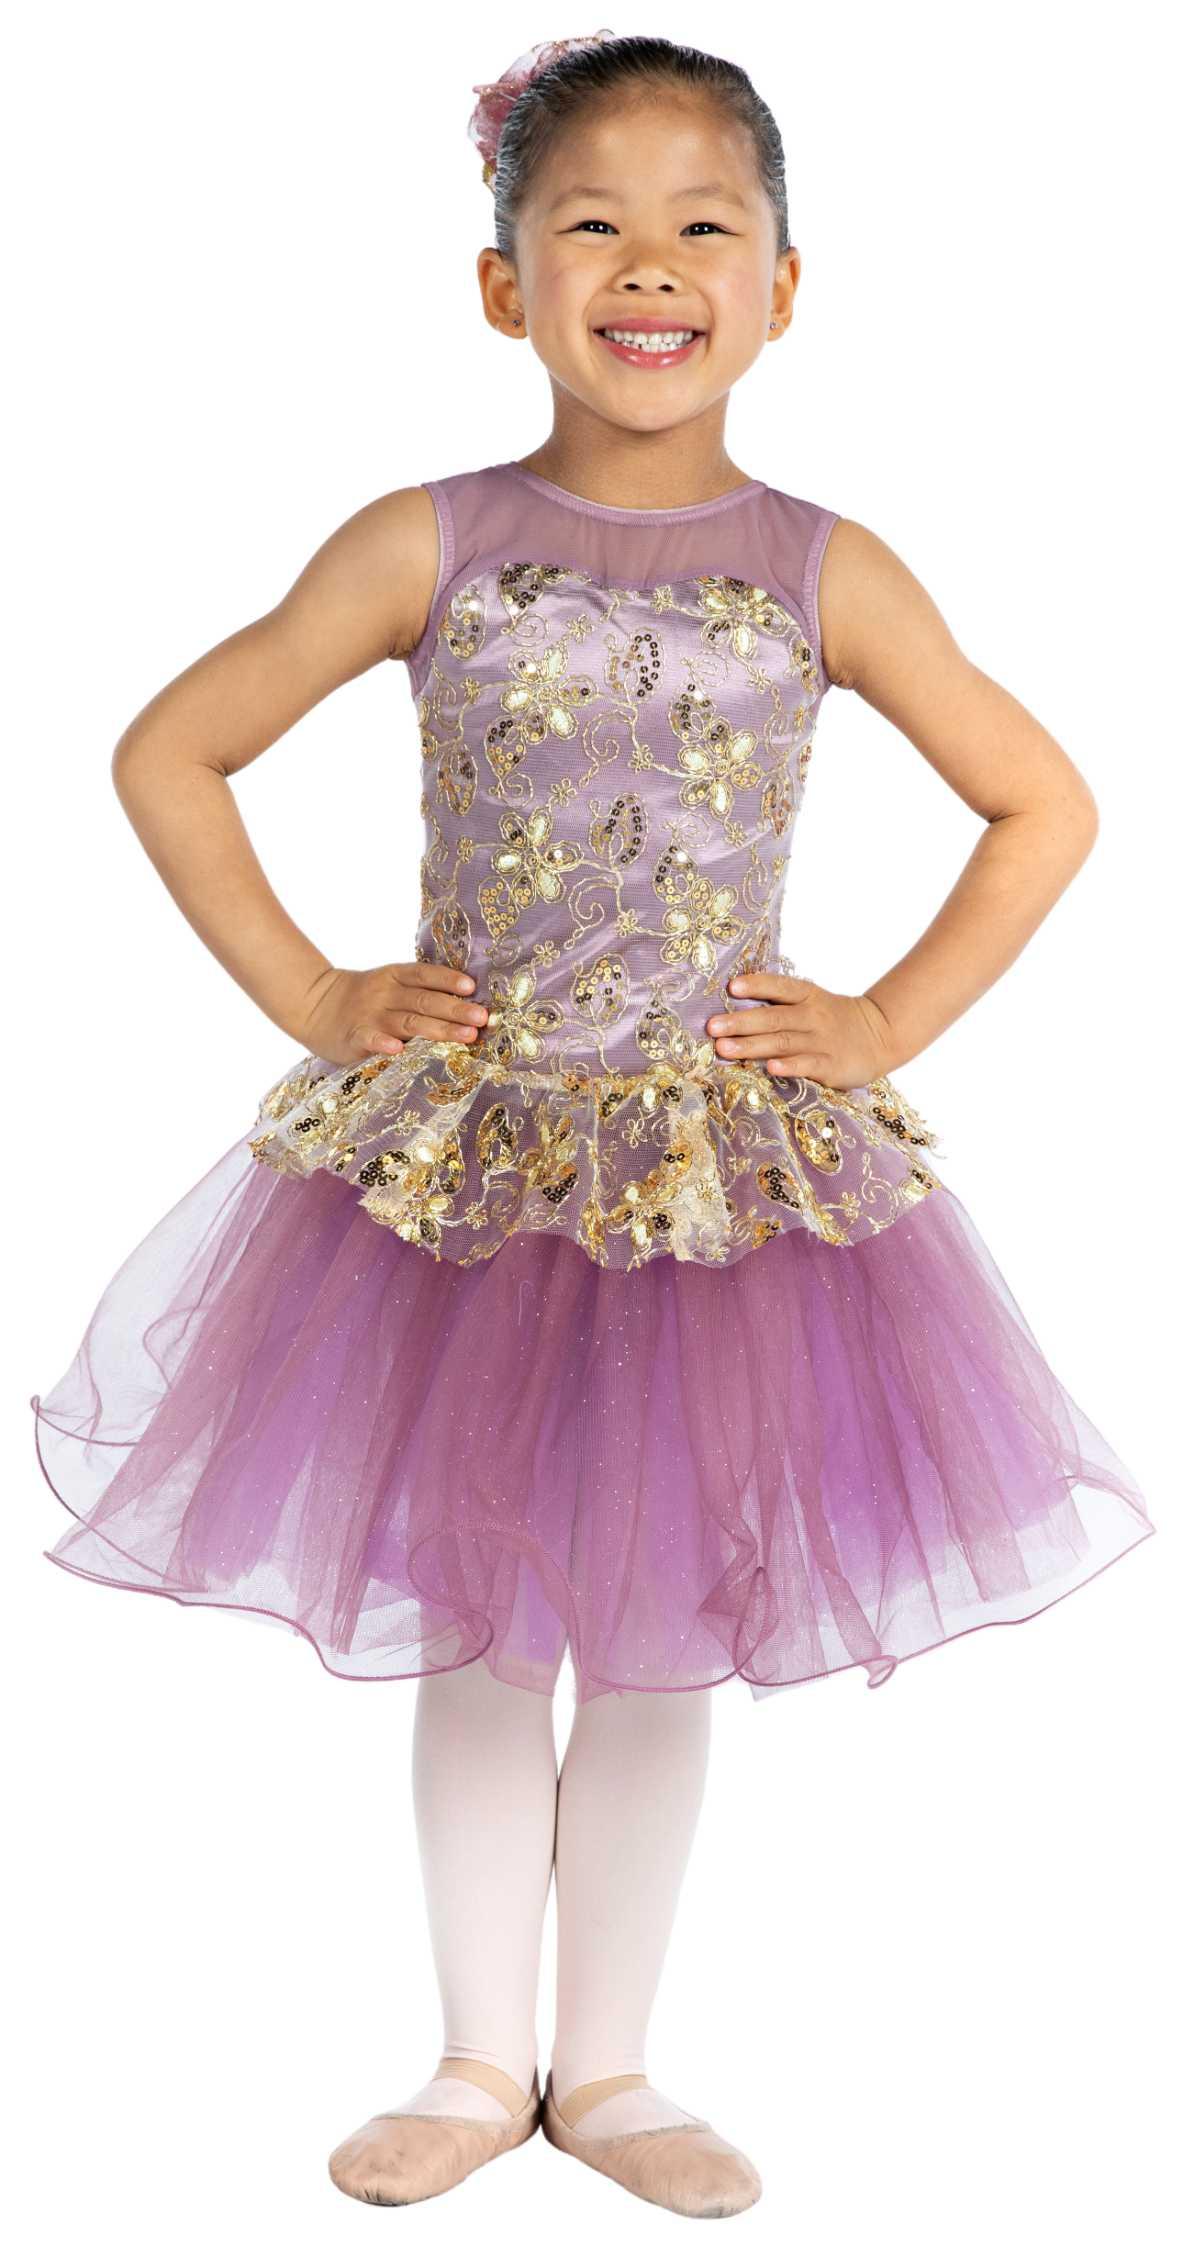 5_yrs_Millie_Ballet-Richmond